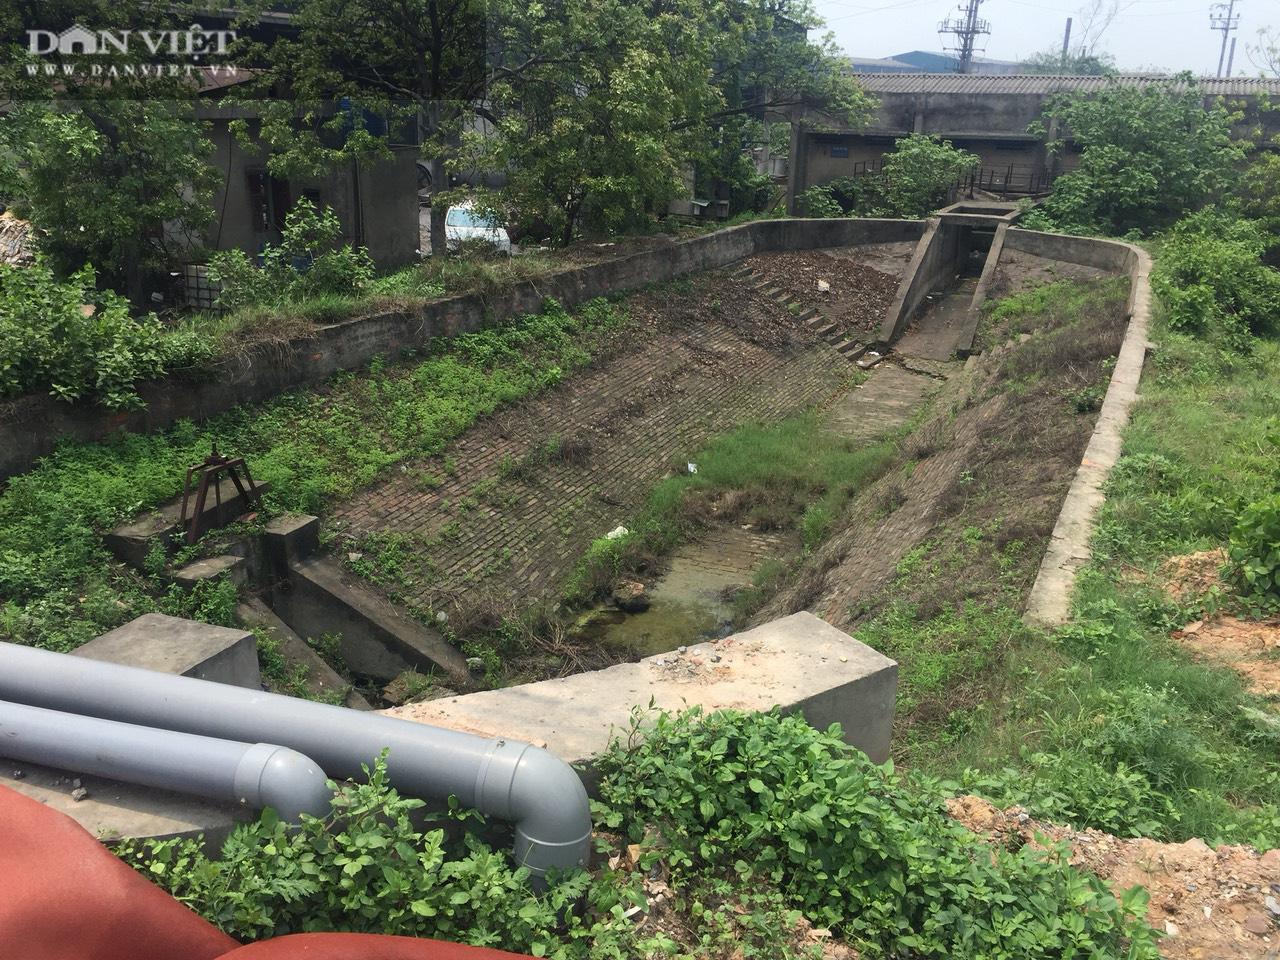 Ám ảnh khủng khiếp ở làng giấy Phú Lâm: Ô nhiễm đến con ruồi cũng không sống nổi, công nhân bán mòn sức - Ảnh 8.